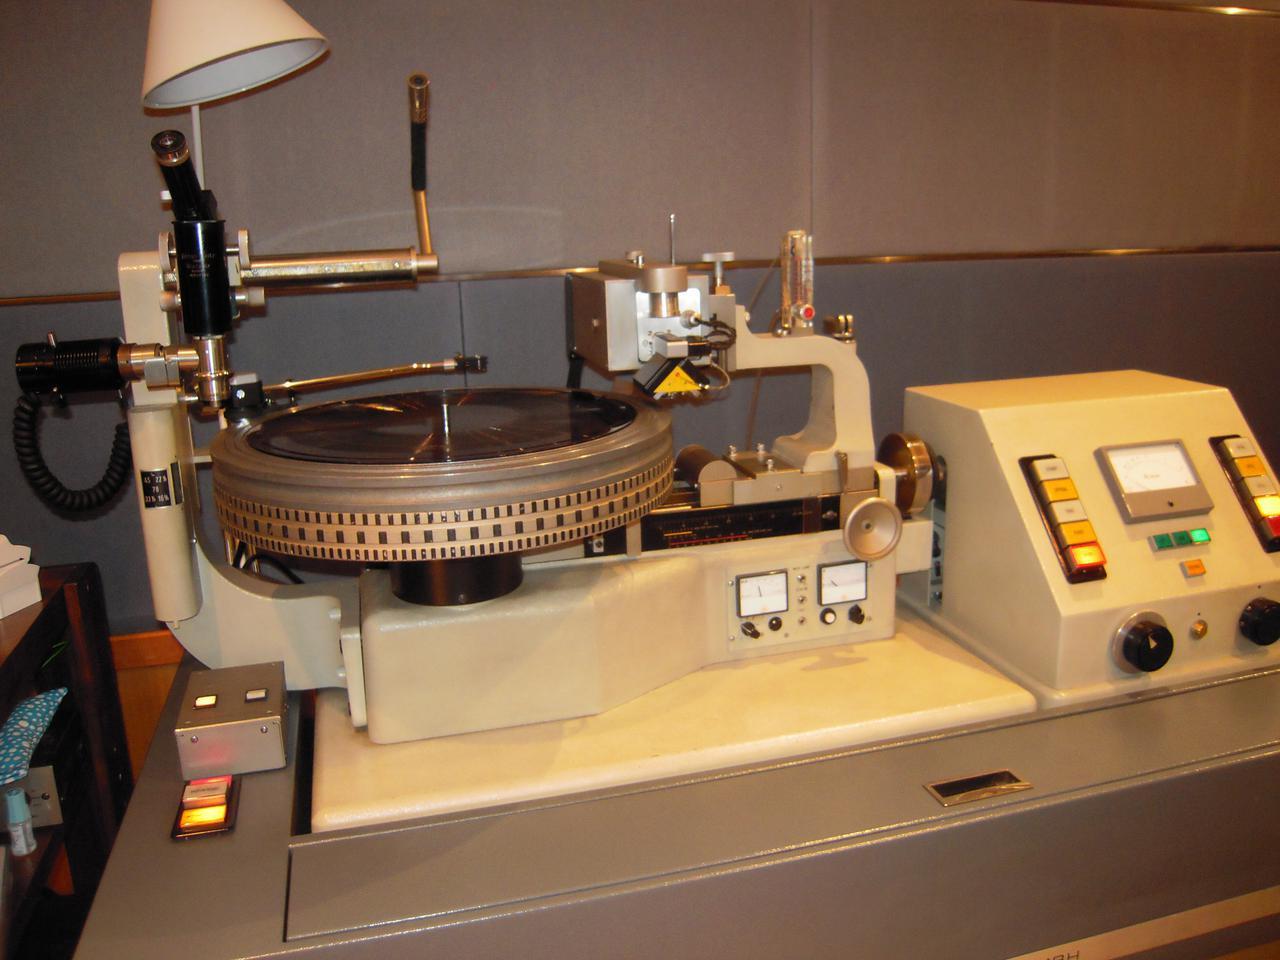 画像: LP製作に採用されたカッティングレースはノイマンVMS70、カッターヘッドは同じノイマンのSX74